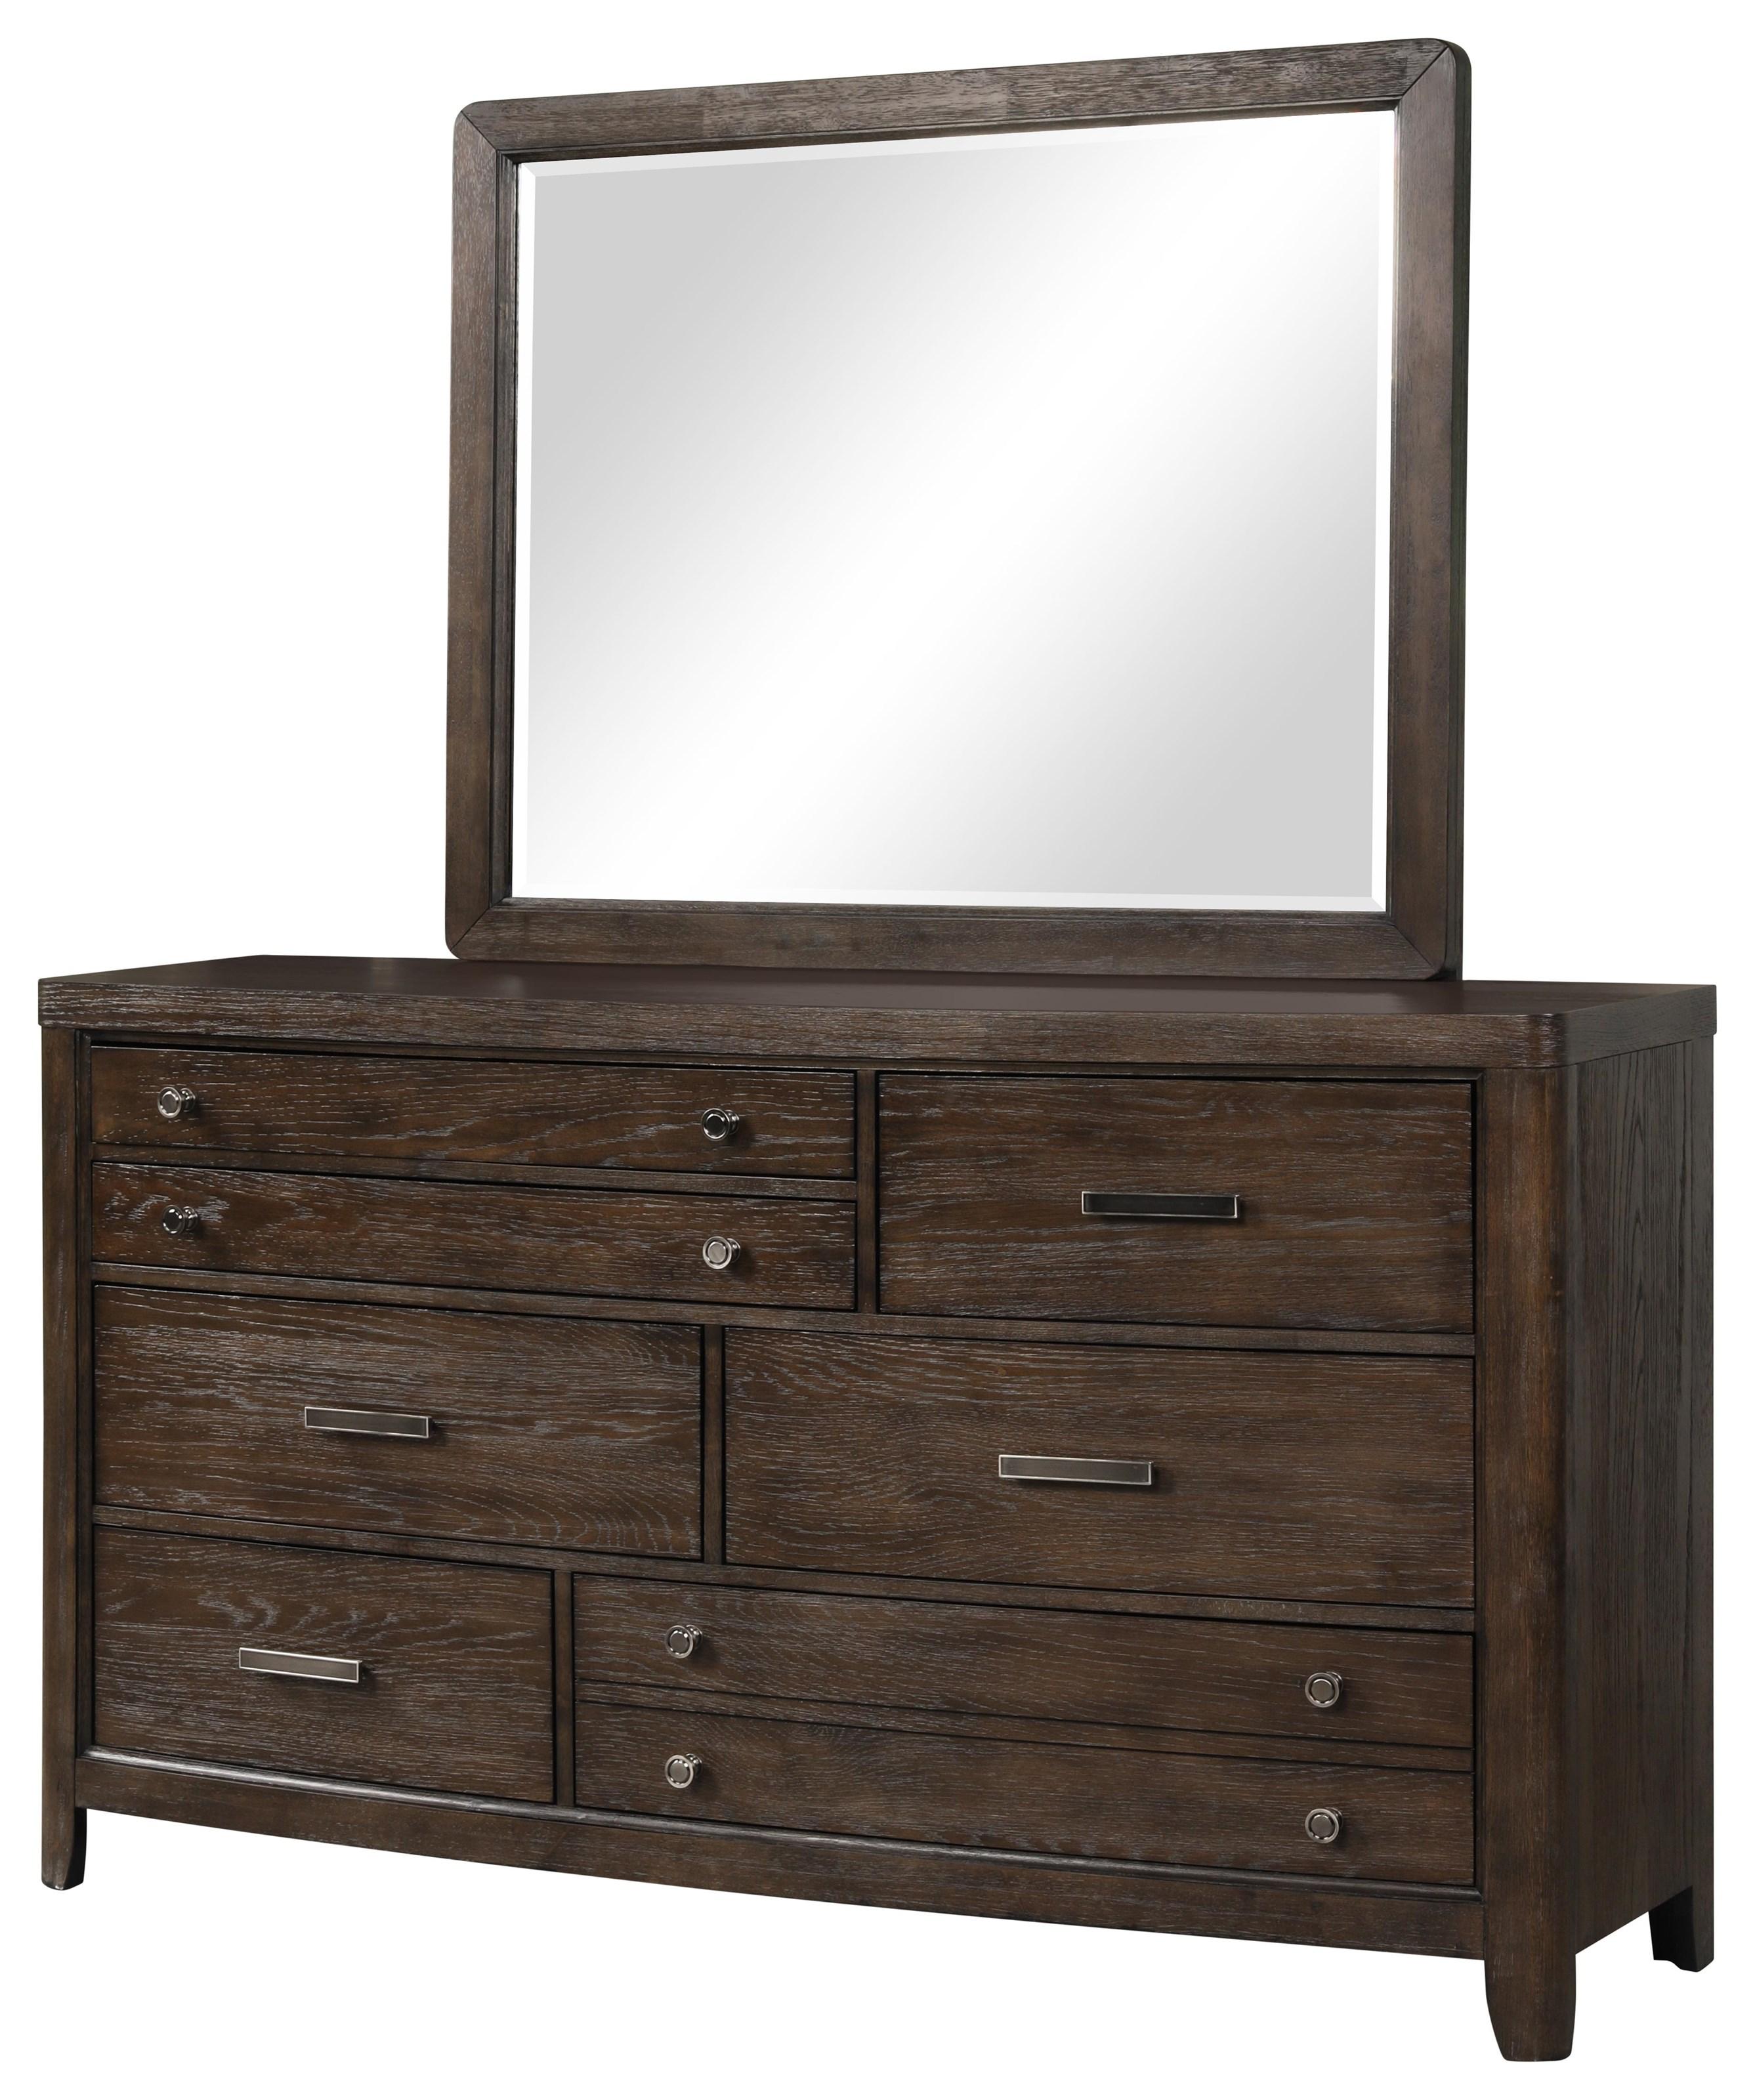 Fulton Dresser by Bernards at Darvin Furniture